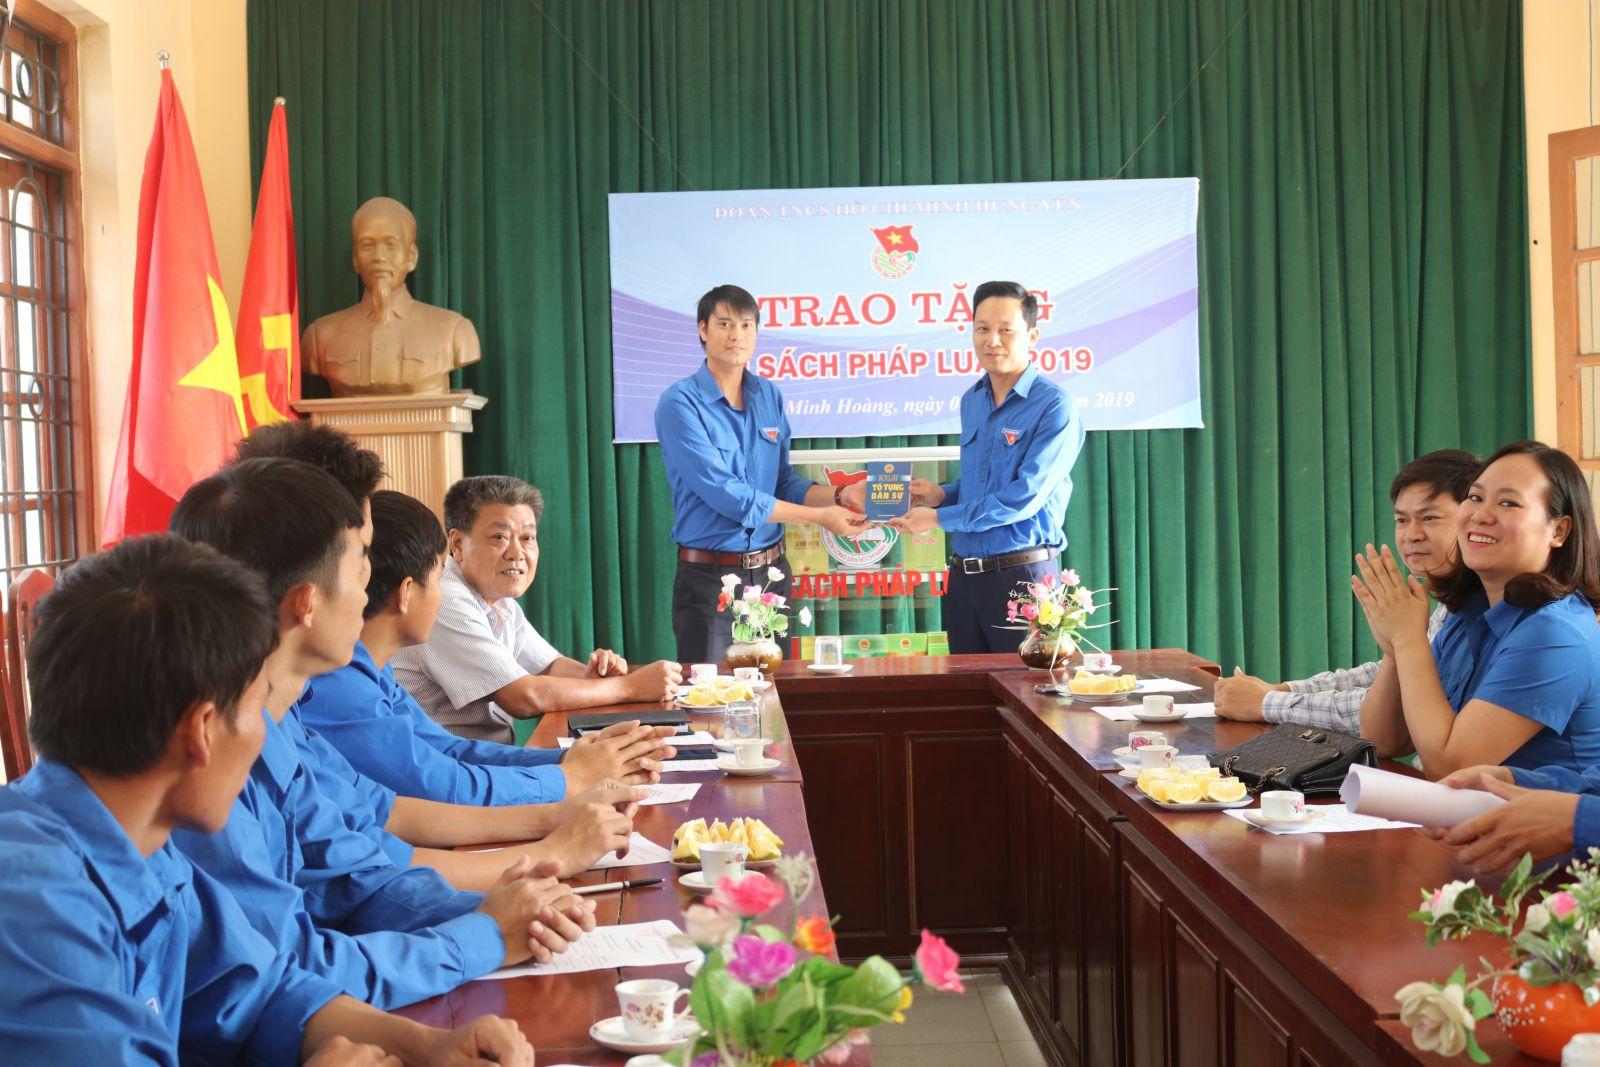 Tỉnh đoàn tổ chức trao tặng Tủ sách pháp luật hưởng ứng Ngày Pháp luật nước Cộng hòa xã hội chủ nghĩa Việt Nam (09/11/2019)